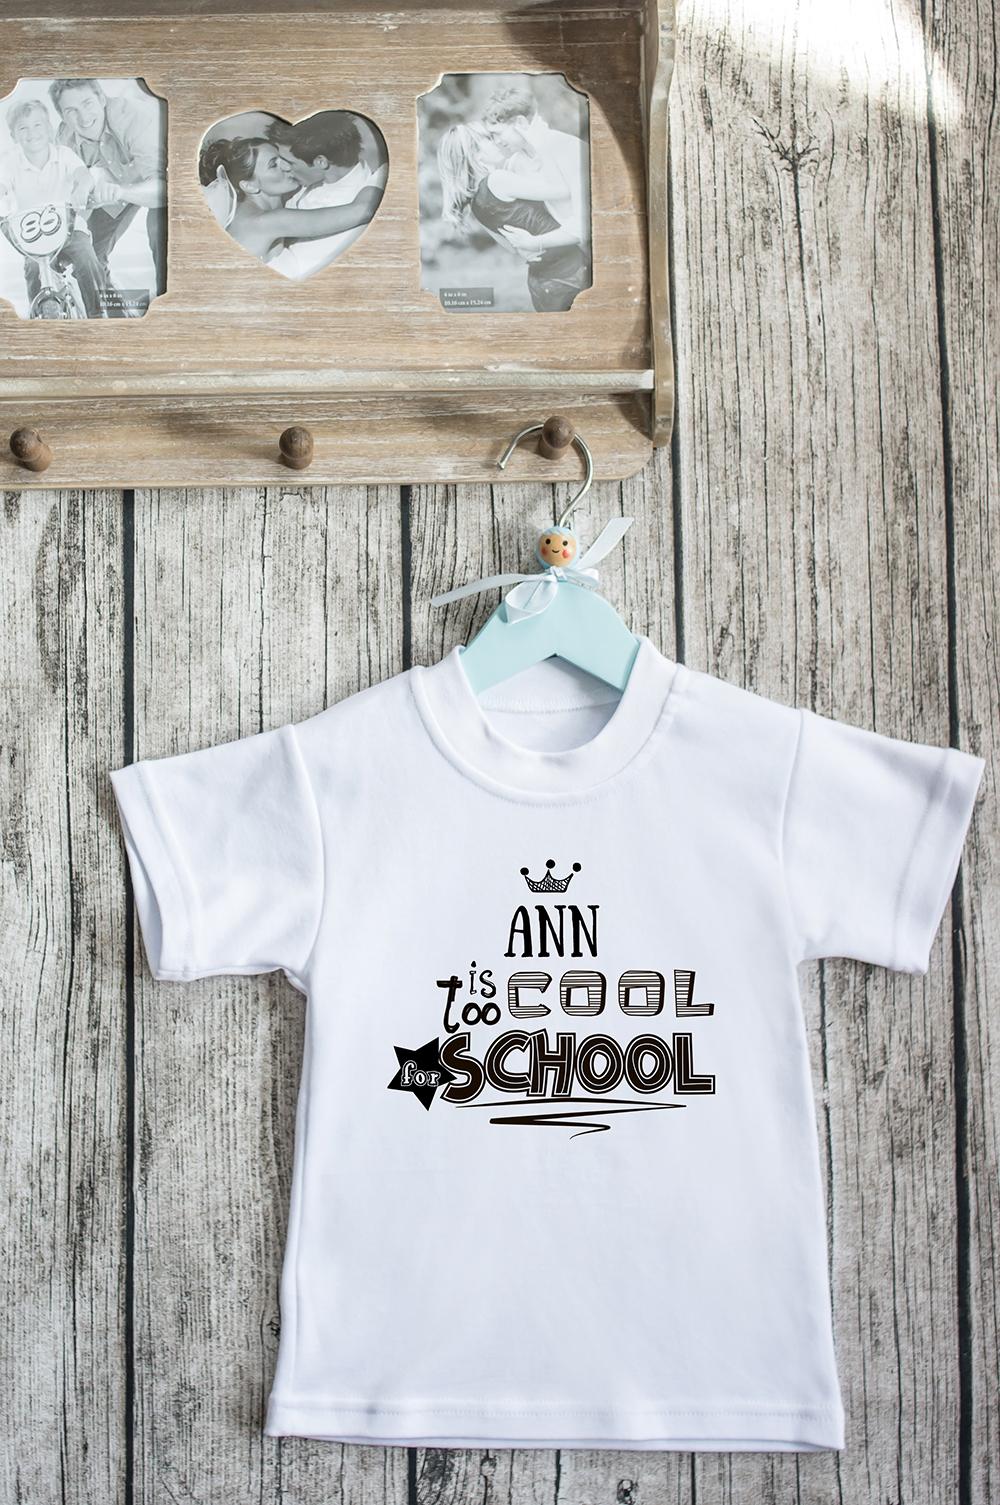 Футболка детская с вашим текстом Too cool for schoolПодарки ко дню рождения<br>100% хлопок, белая, с нанесением текста. Товар является маломерным<br>